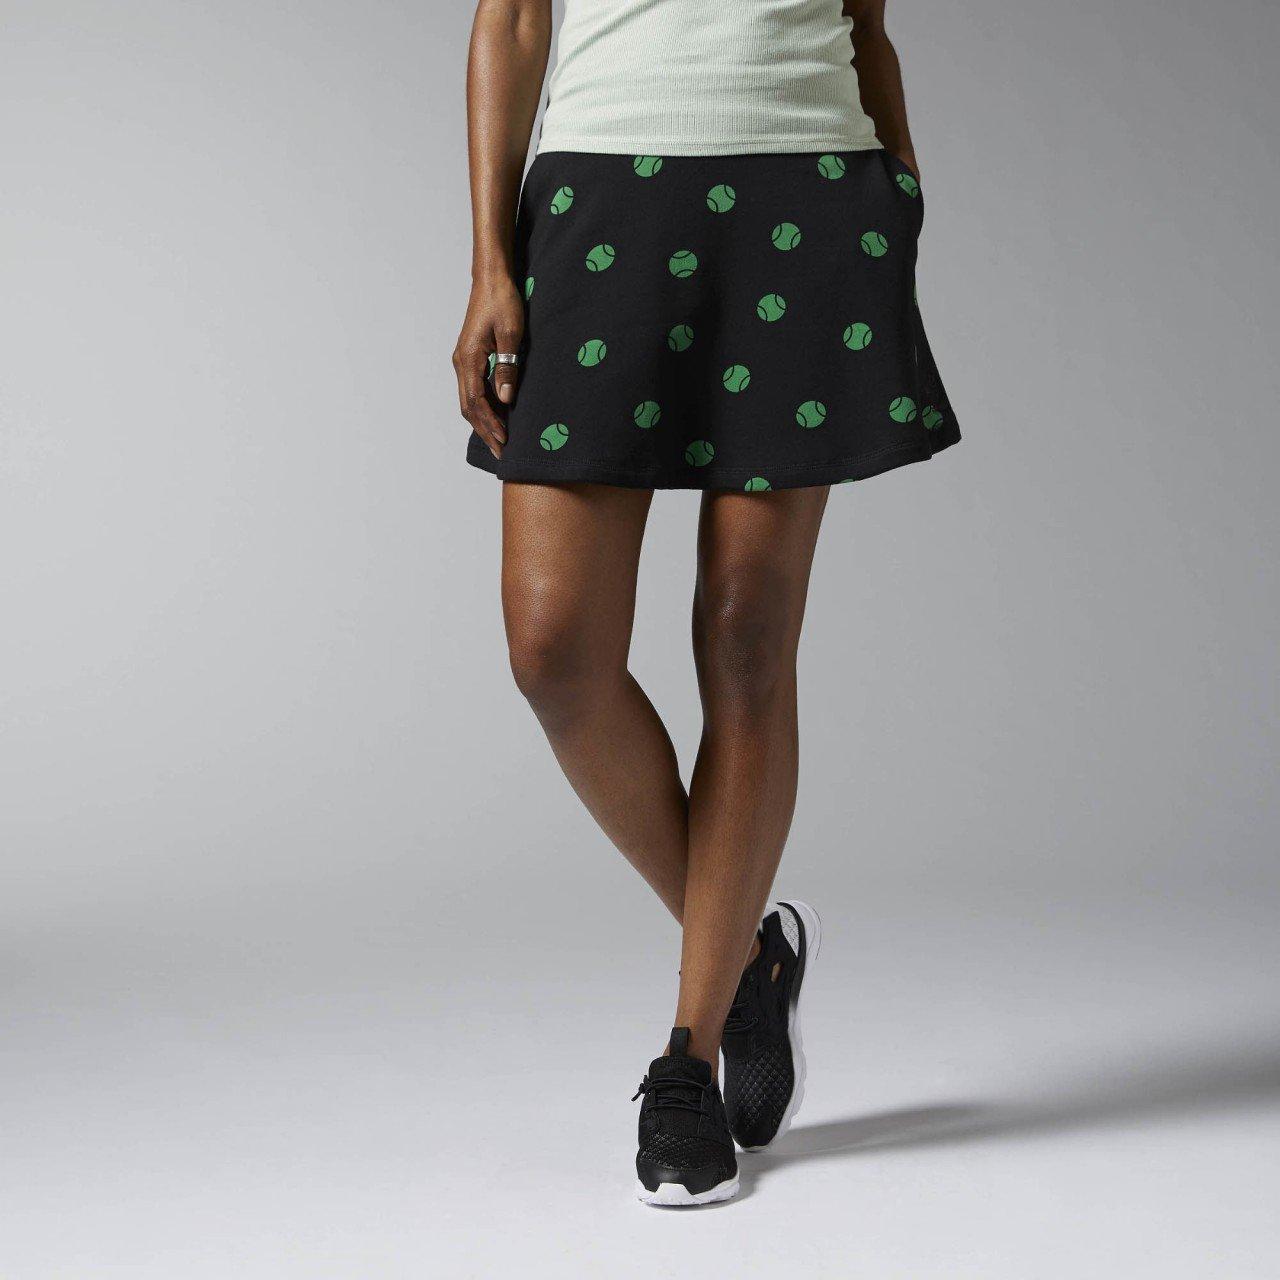 Reebok F Court AOP Ft Skirt?-?Women's Skirt, Women, F Court AOP FT Skirt